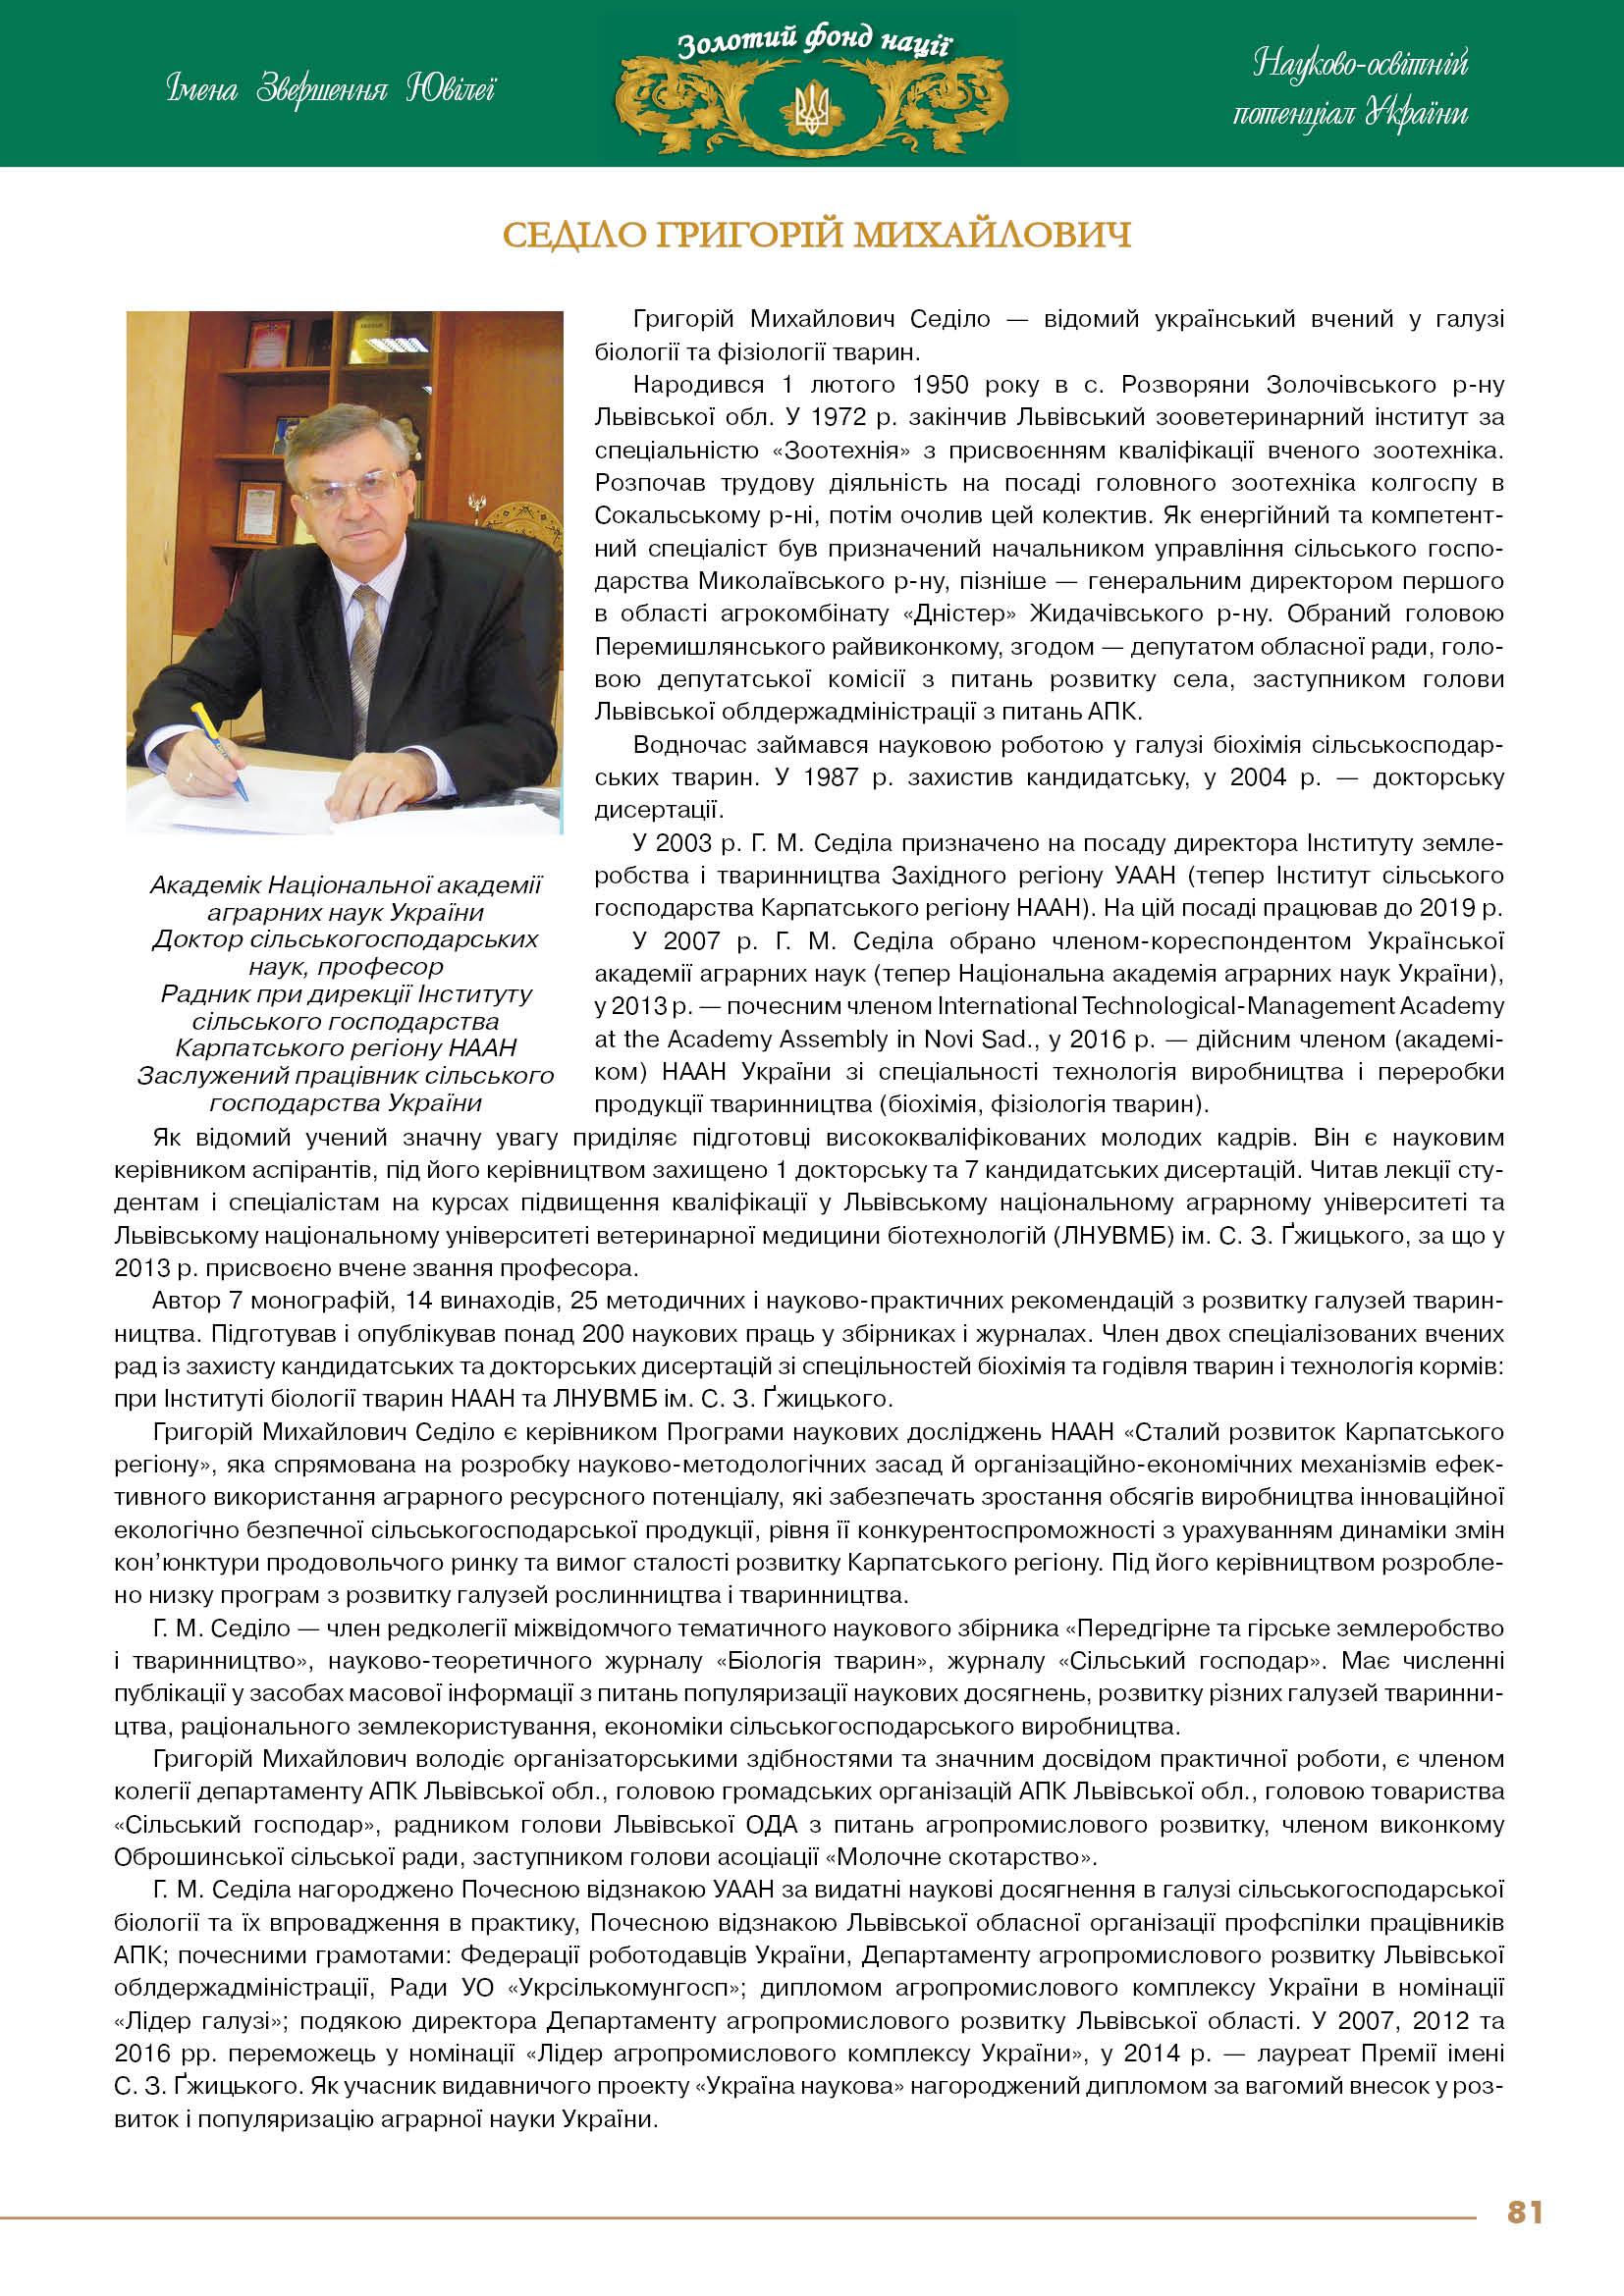 Седіло Григорій Михайлович